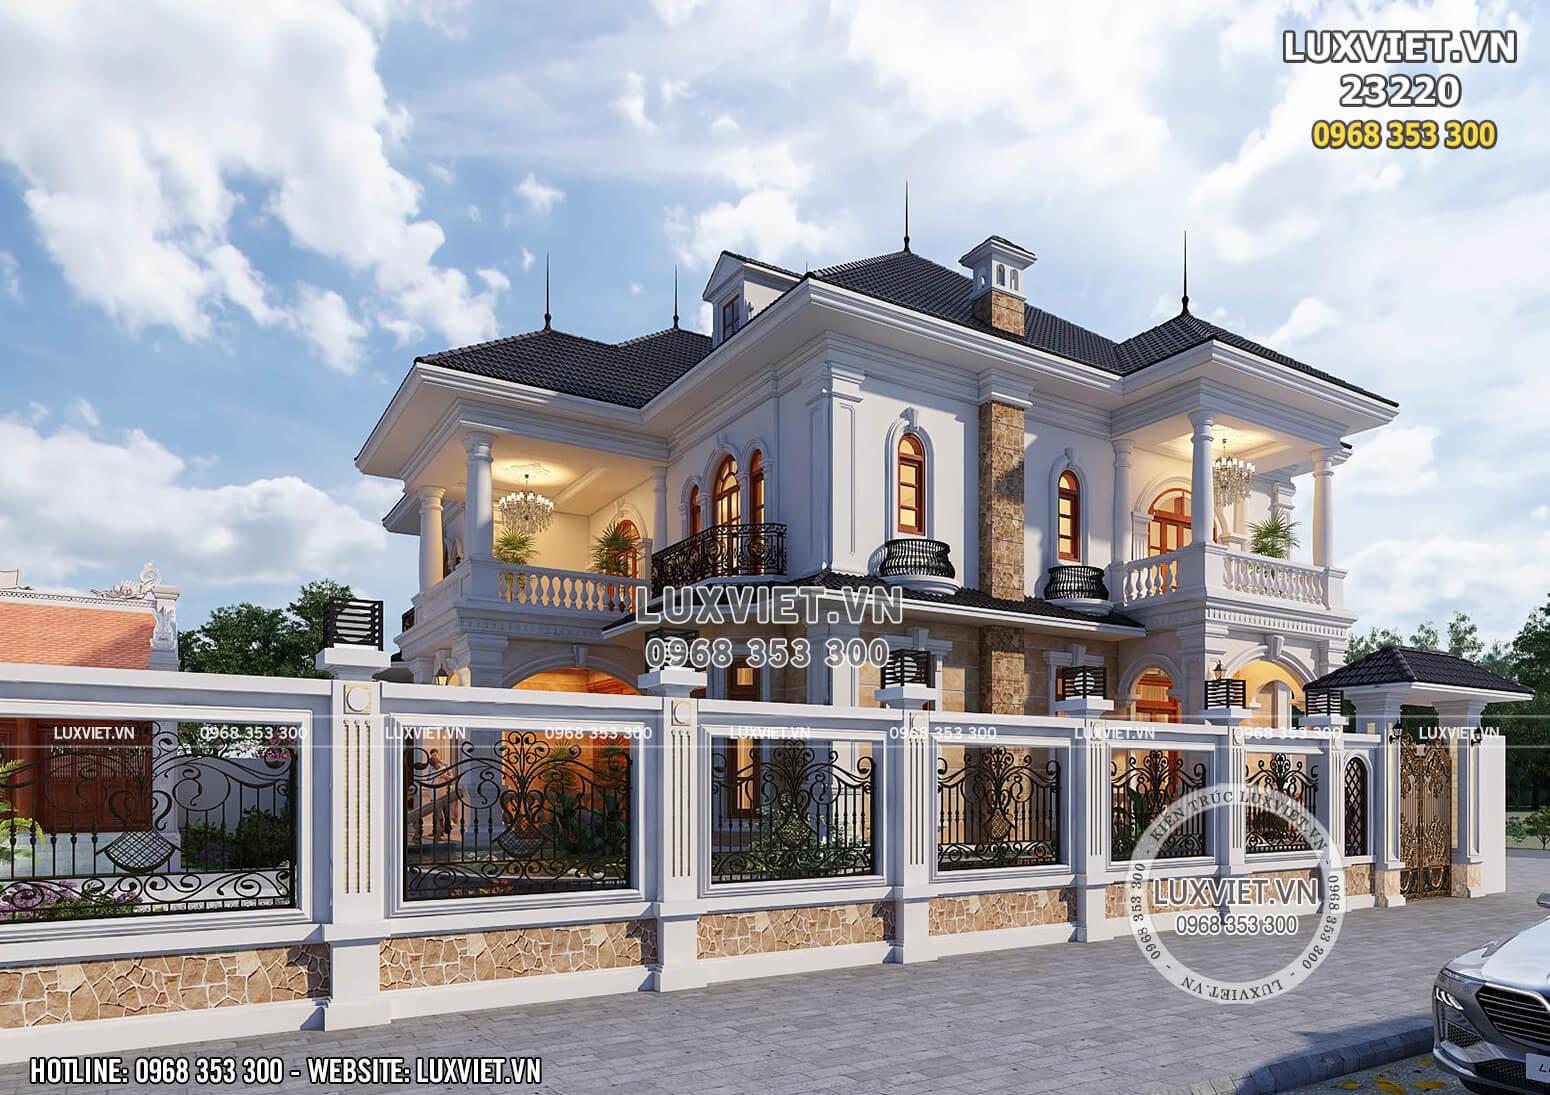 Mẫu thiết kế biệt thự 2 tầng mái Thái đẹp - LV 23220